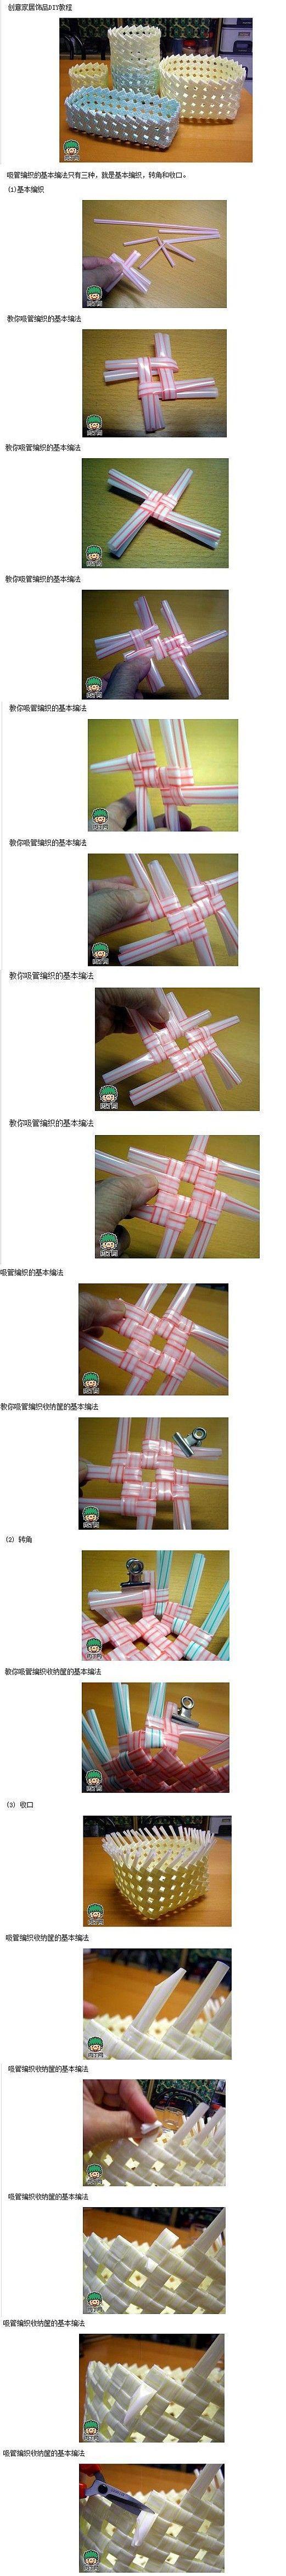 20130218204408_vnNnV.thumb.600_0.jpeg (521×4700)